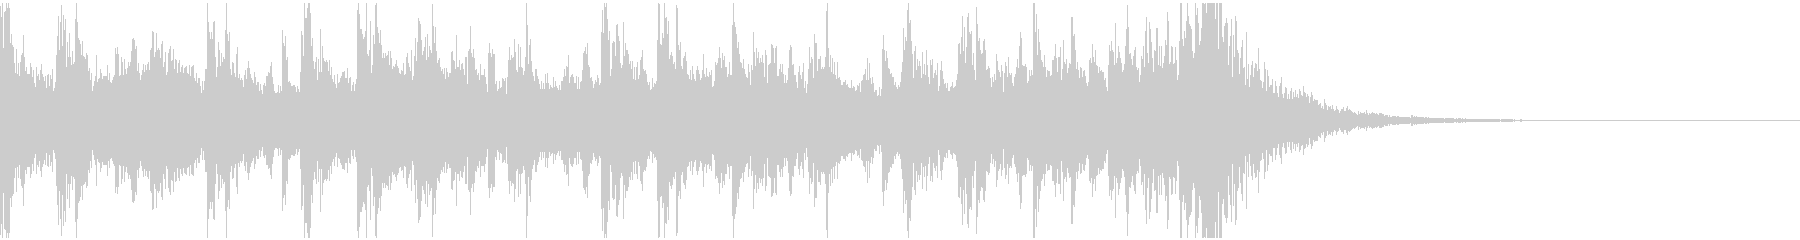 ピアノ、フルオーケストラ、パーカッ...の未再生の波形